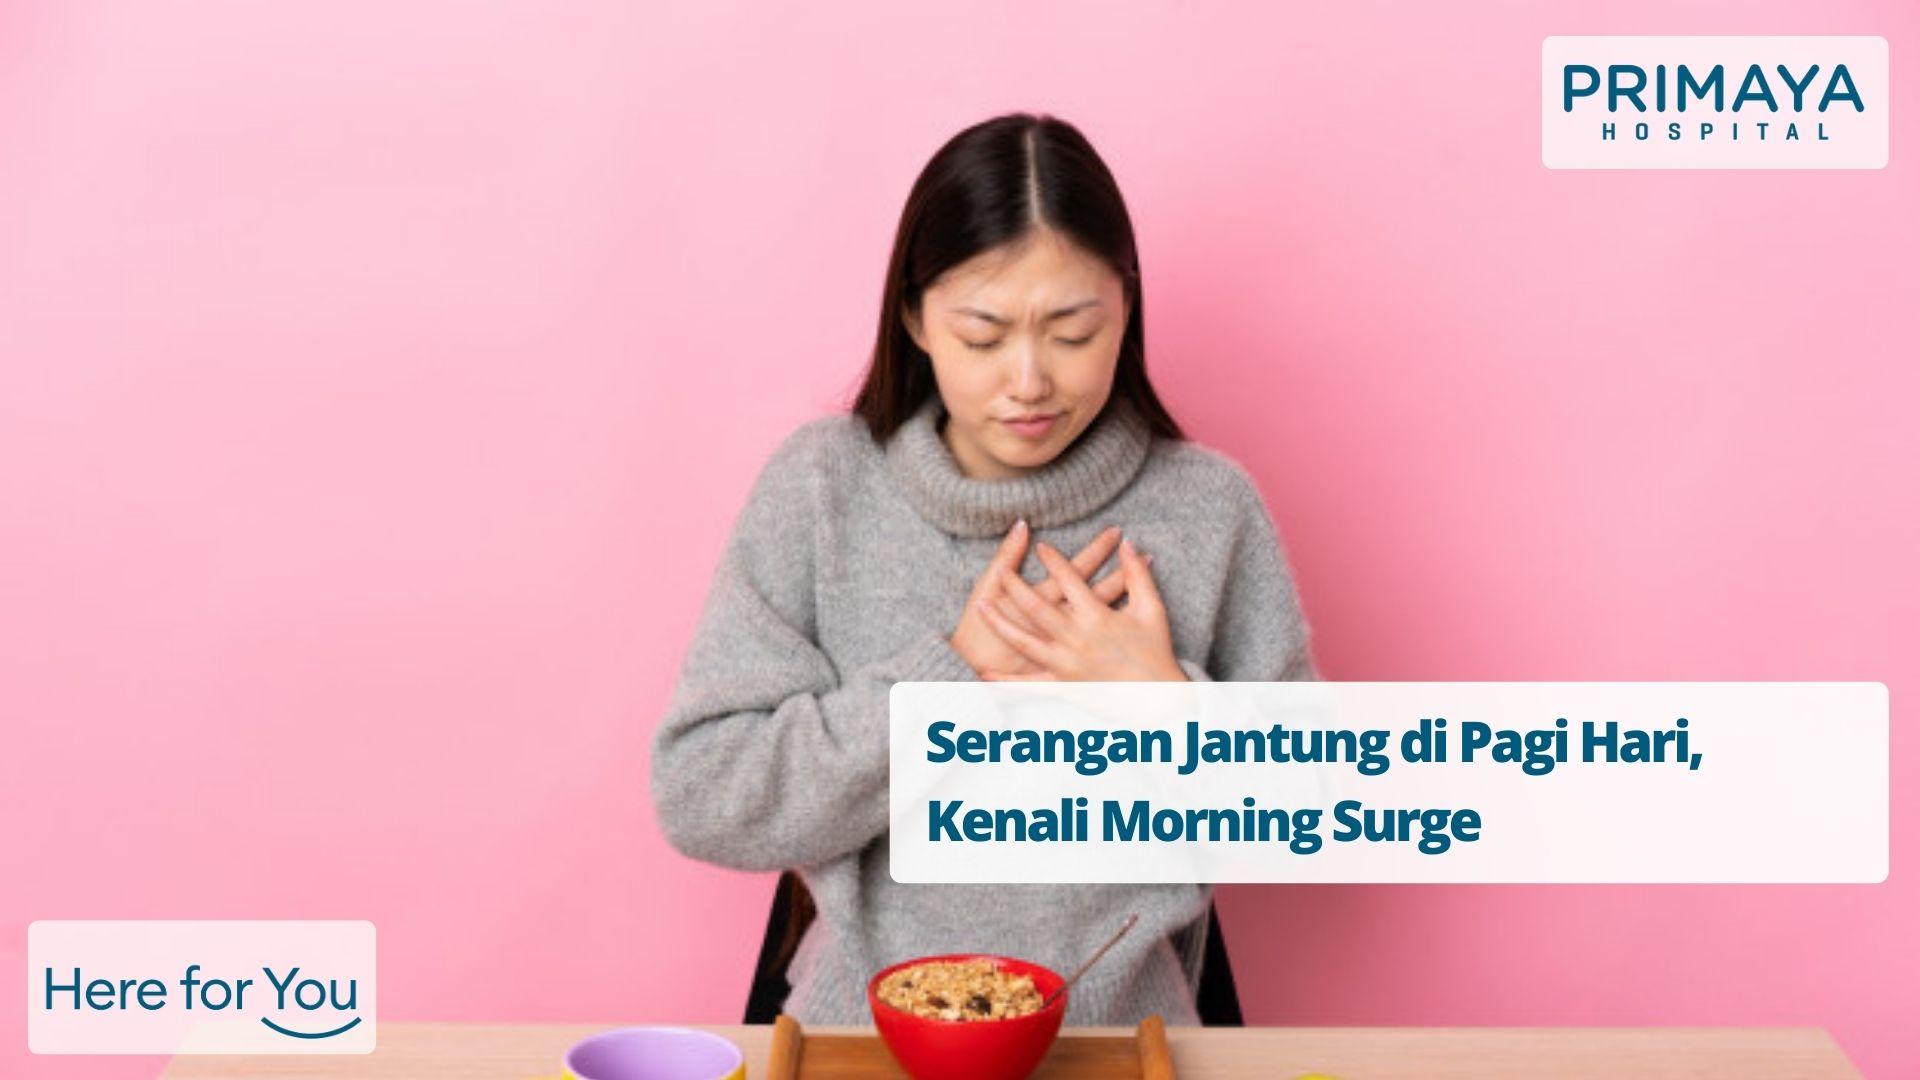 Serangan Jantung di Pagi Hari, Kenali Morning Surge